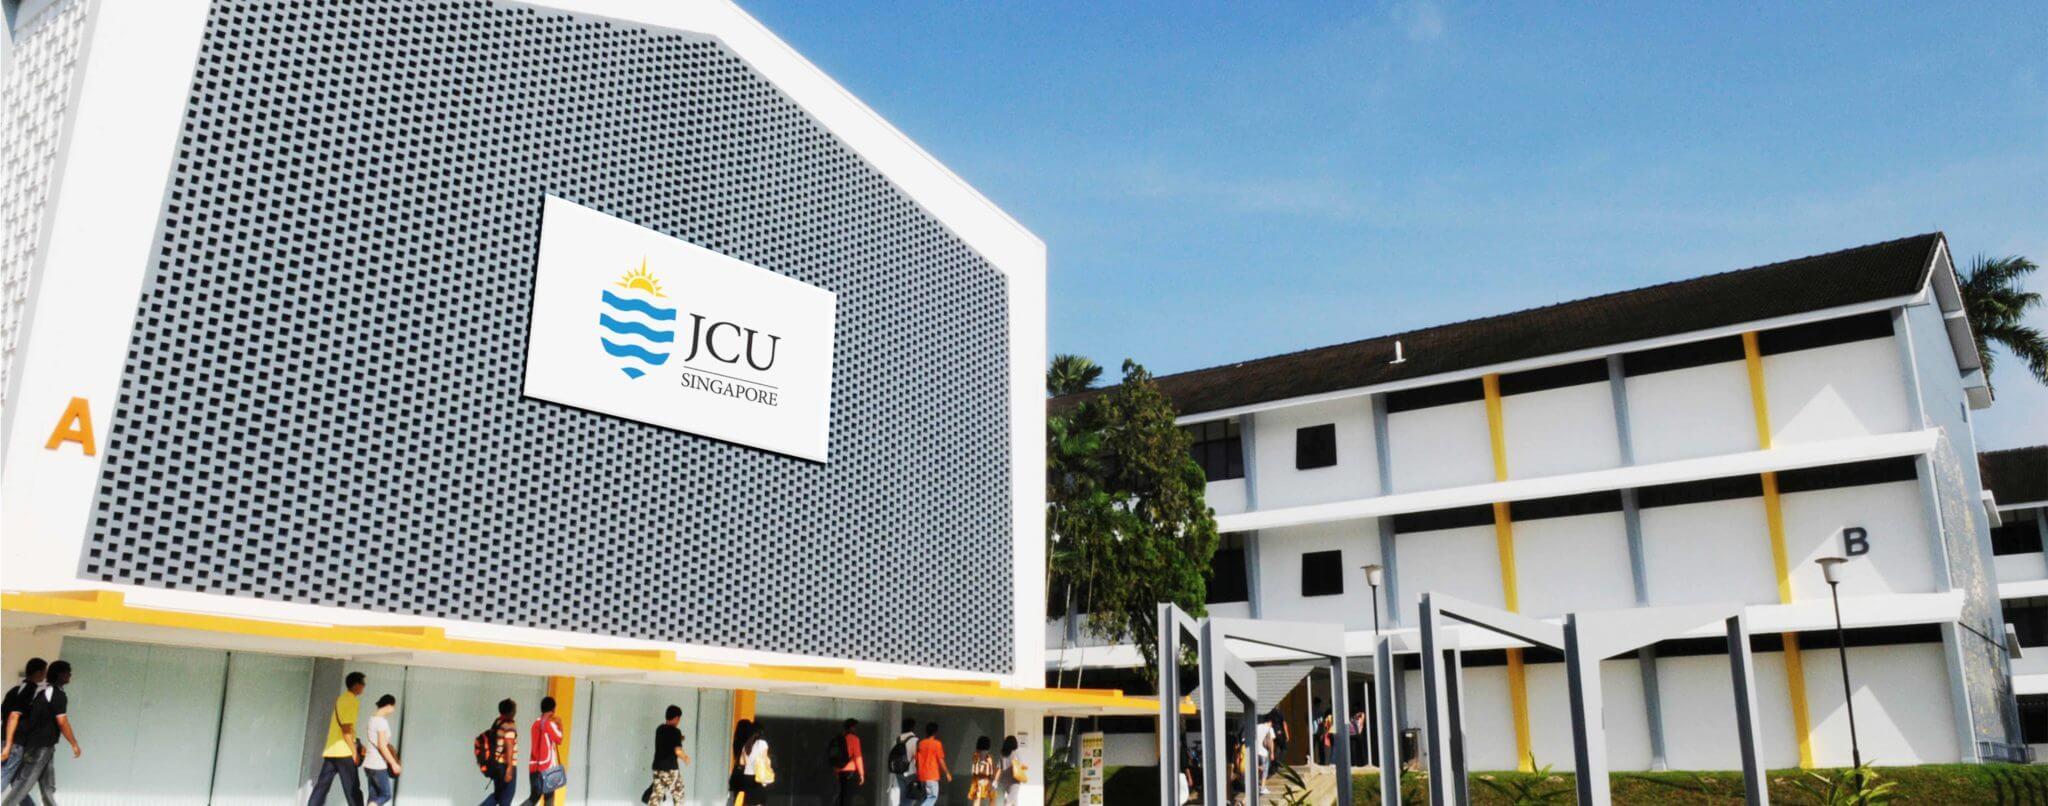 Hoc xa JCU tai Singapore